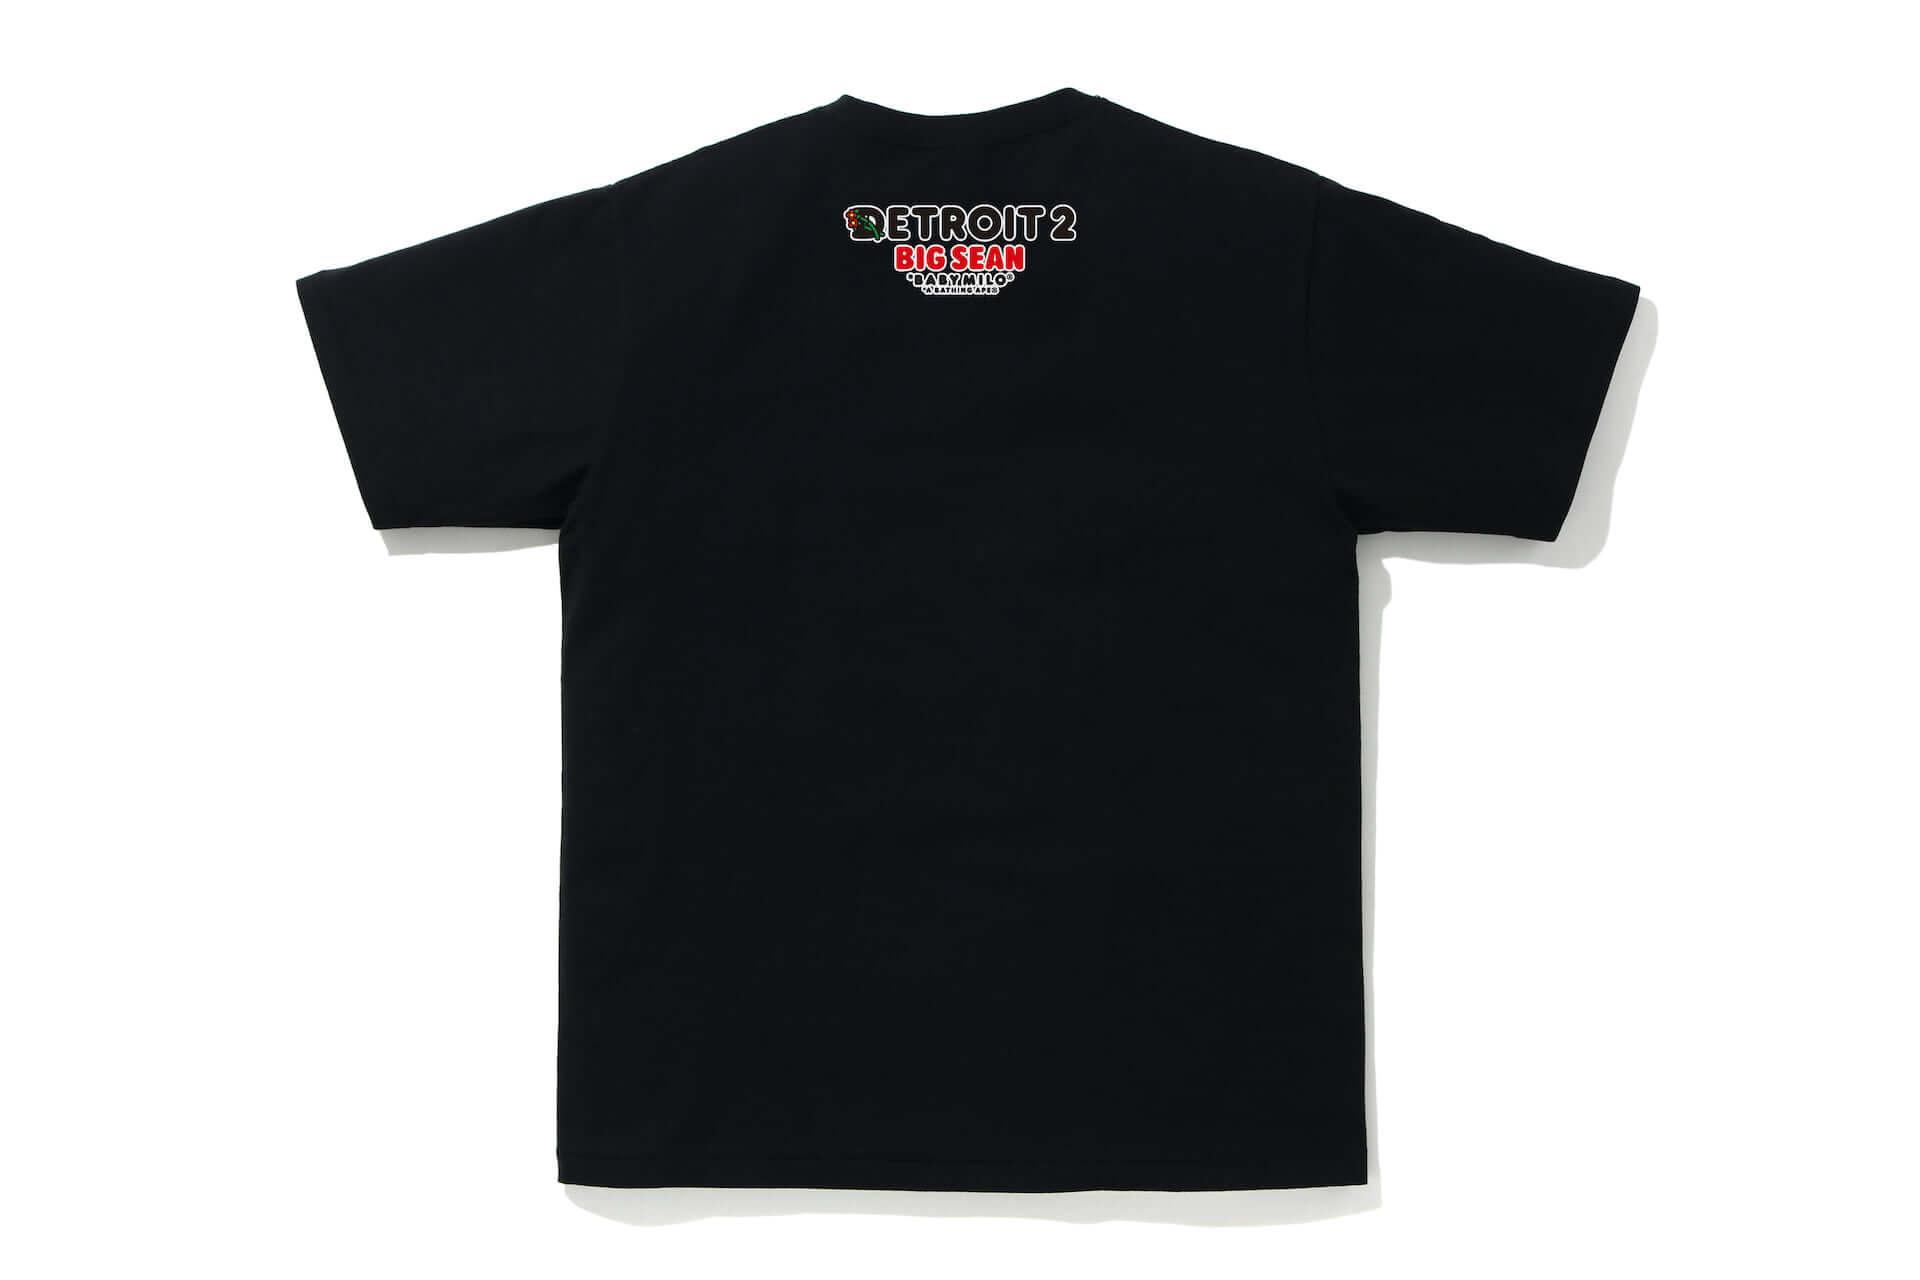 Big SeanとA BATHING APE(R)による最新コラボTシャツが発売決定!アルバム『DETROIT 2』のアートワークがBABY MILO(R)スタイルに lf210113_bape-bigsean_4-1920x1280